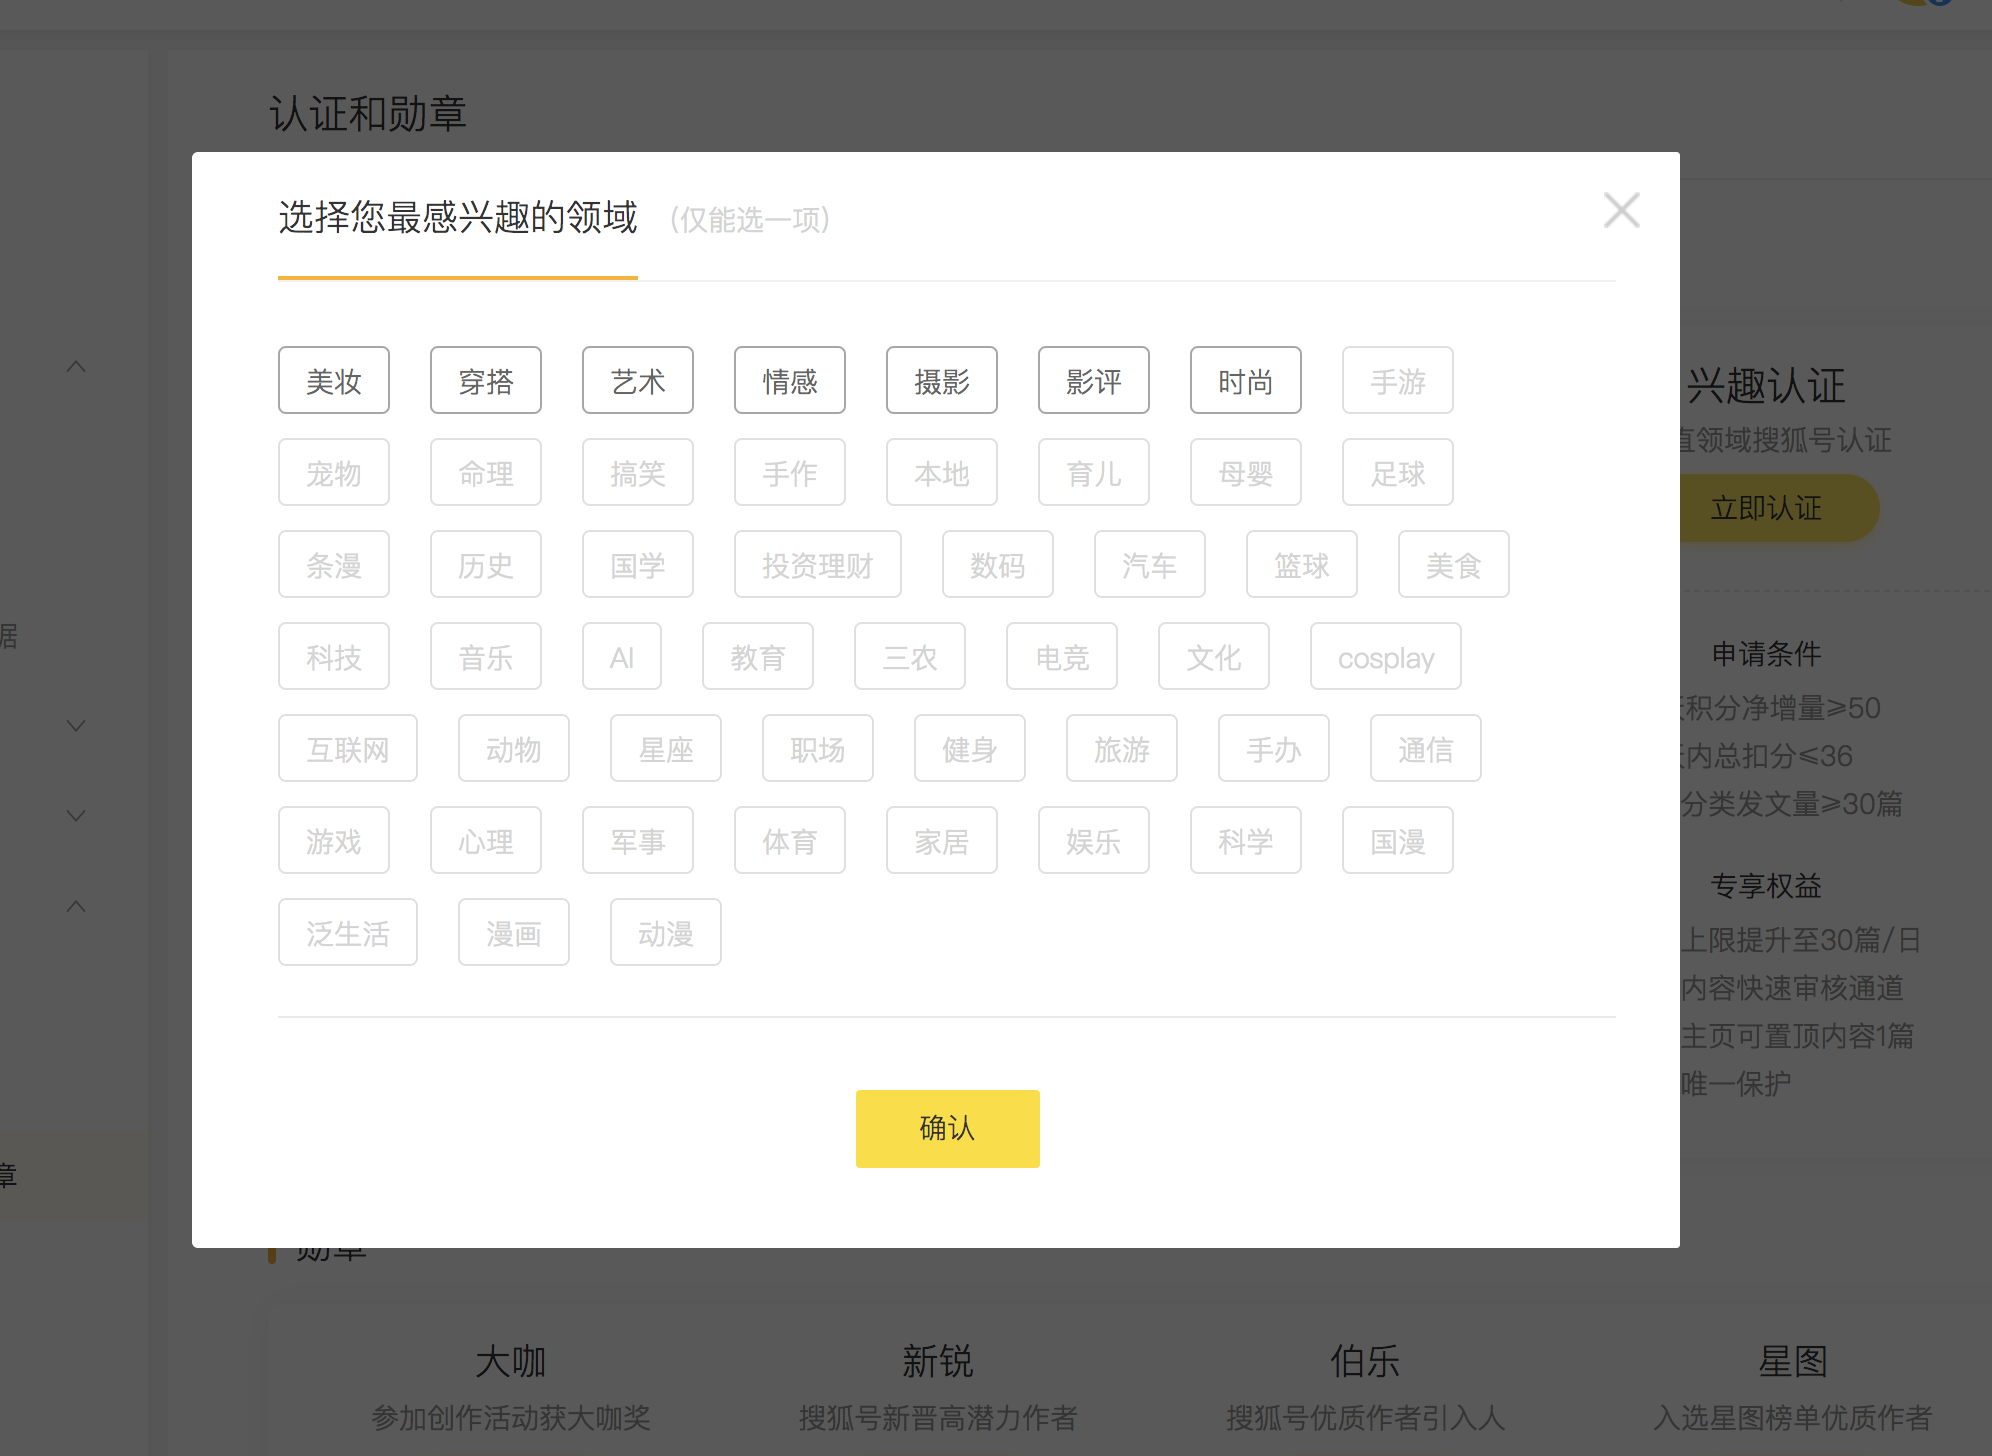 【公告】搜狐号认证&勋章上线,享受更多创作者权益!